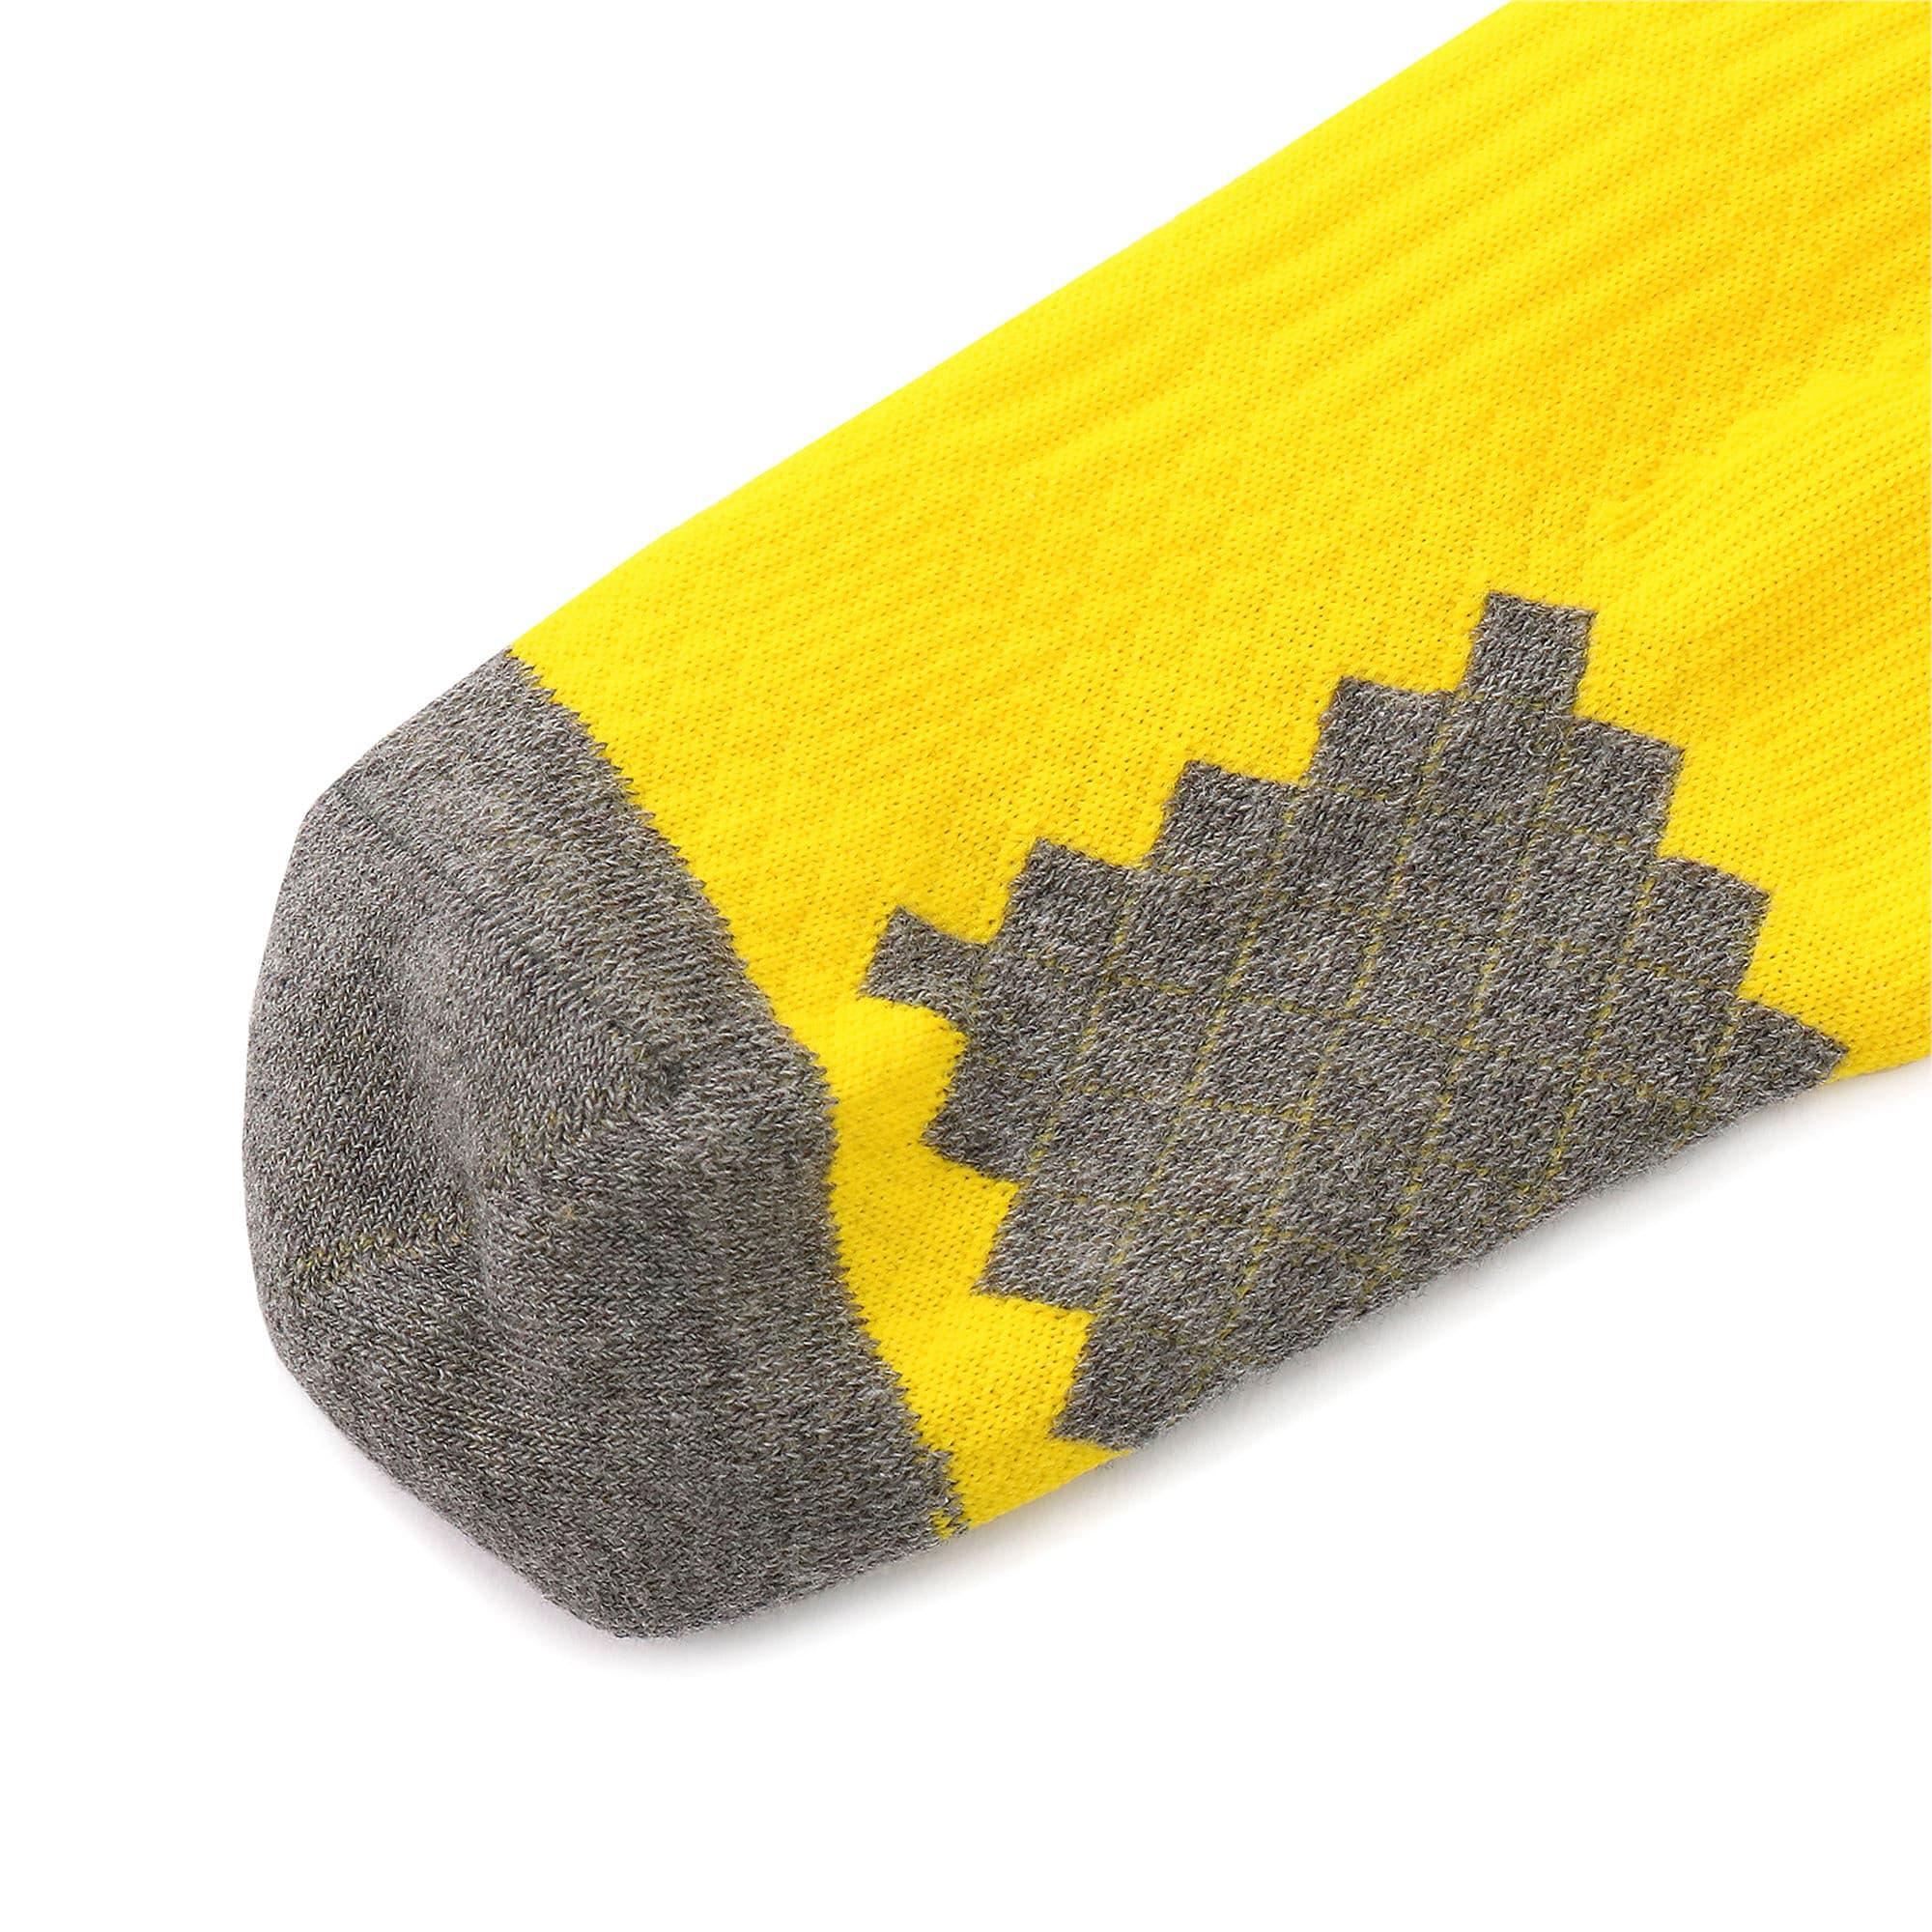 Thumbnail 6 of ドルトムント BVB スパイラル ストッキング, Cyber Yellow-Puma Black, medium-JPN